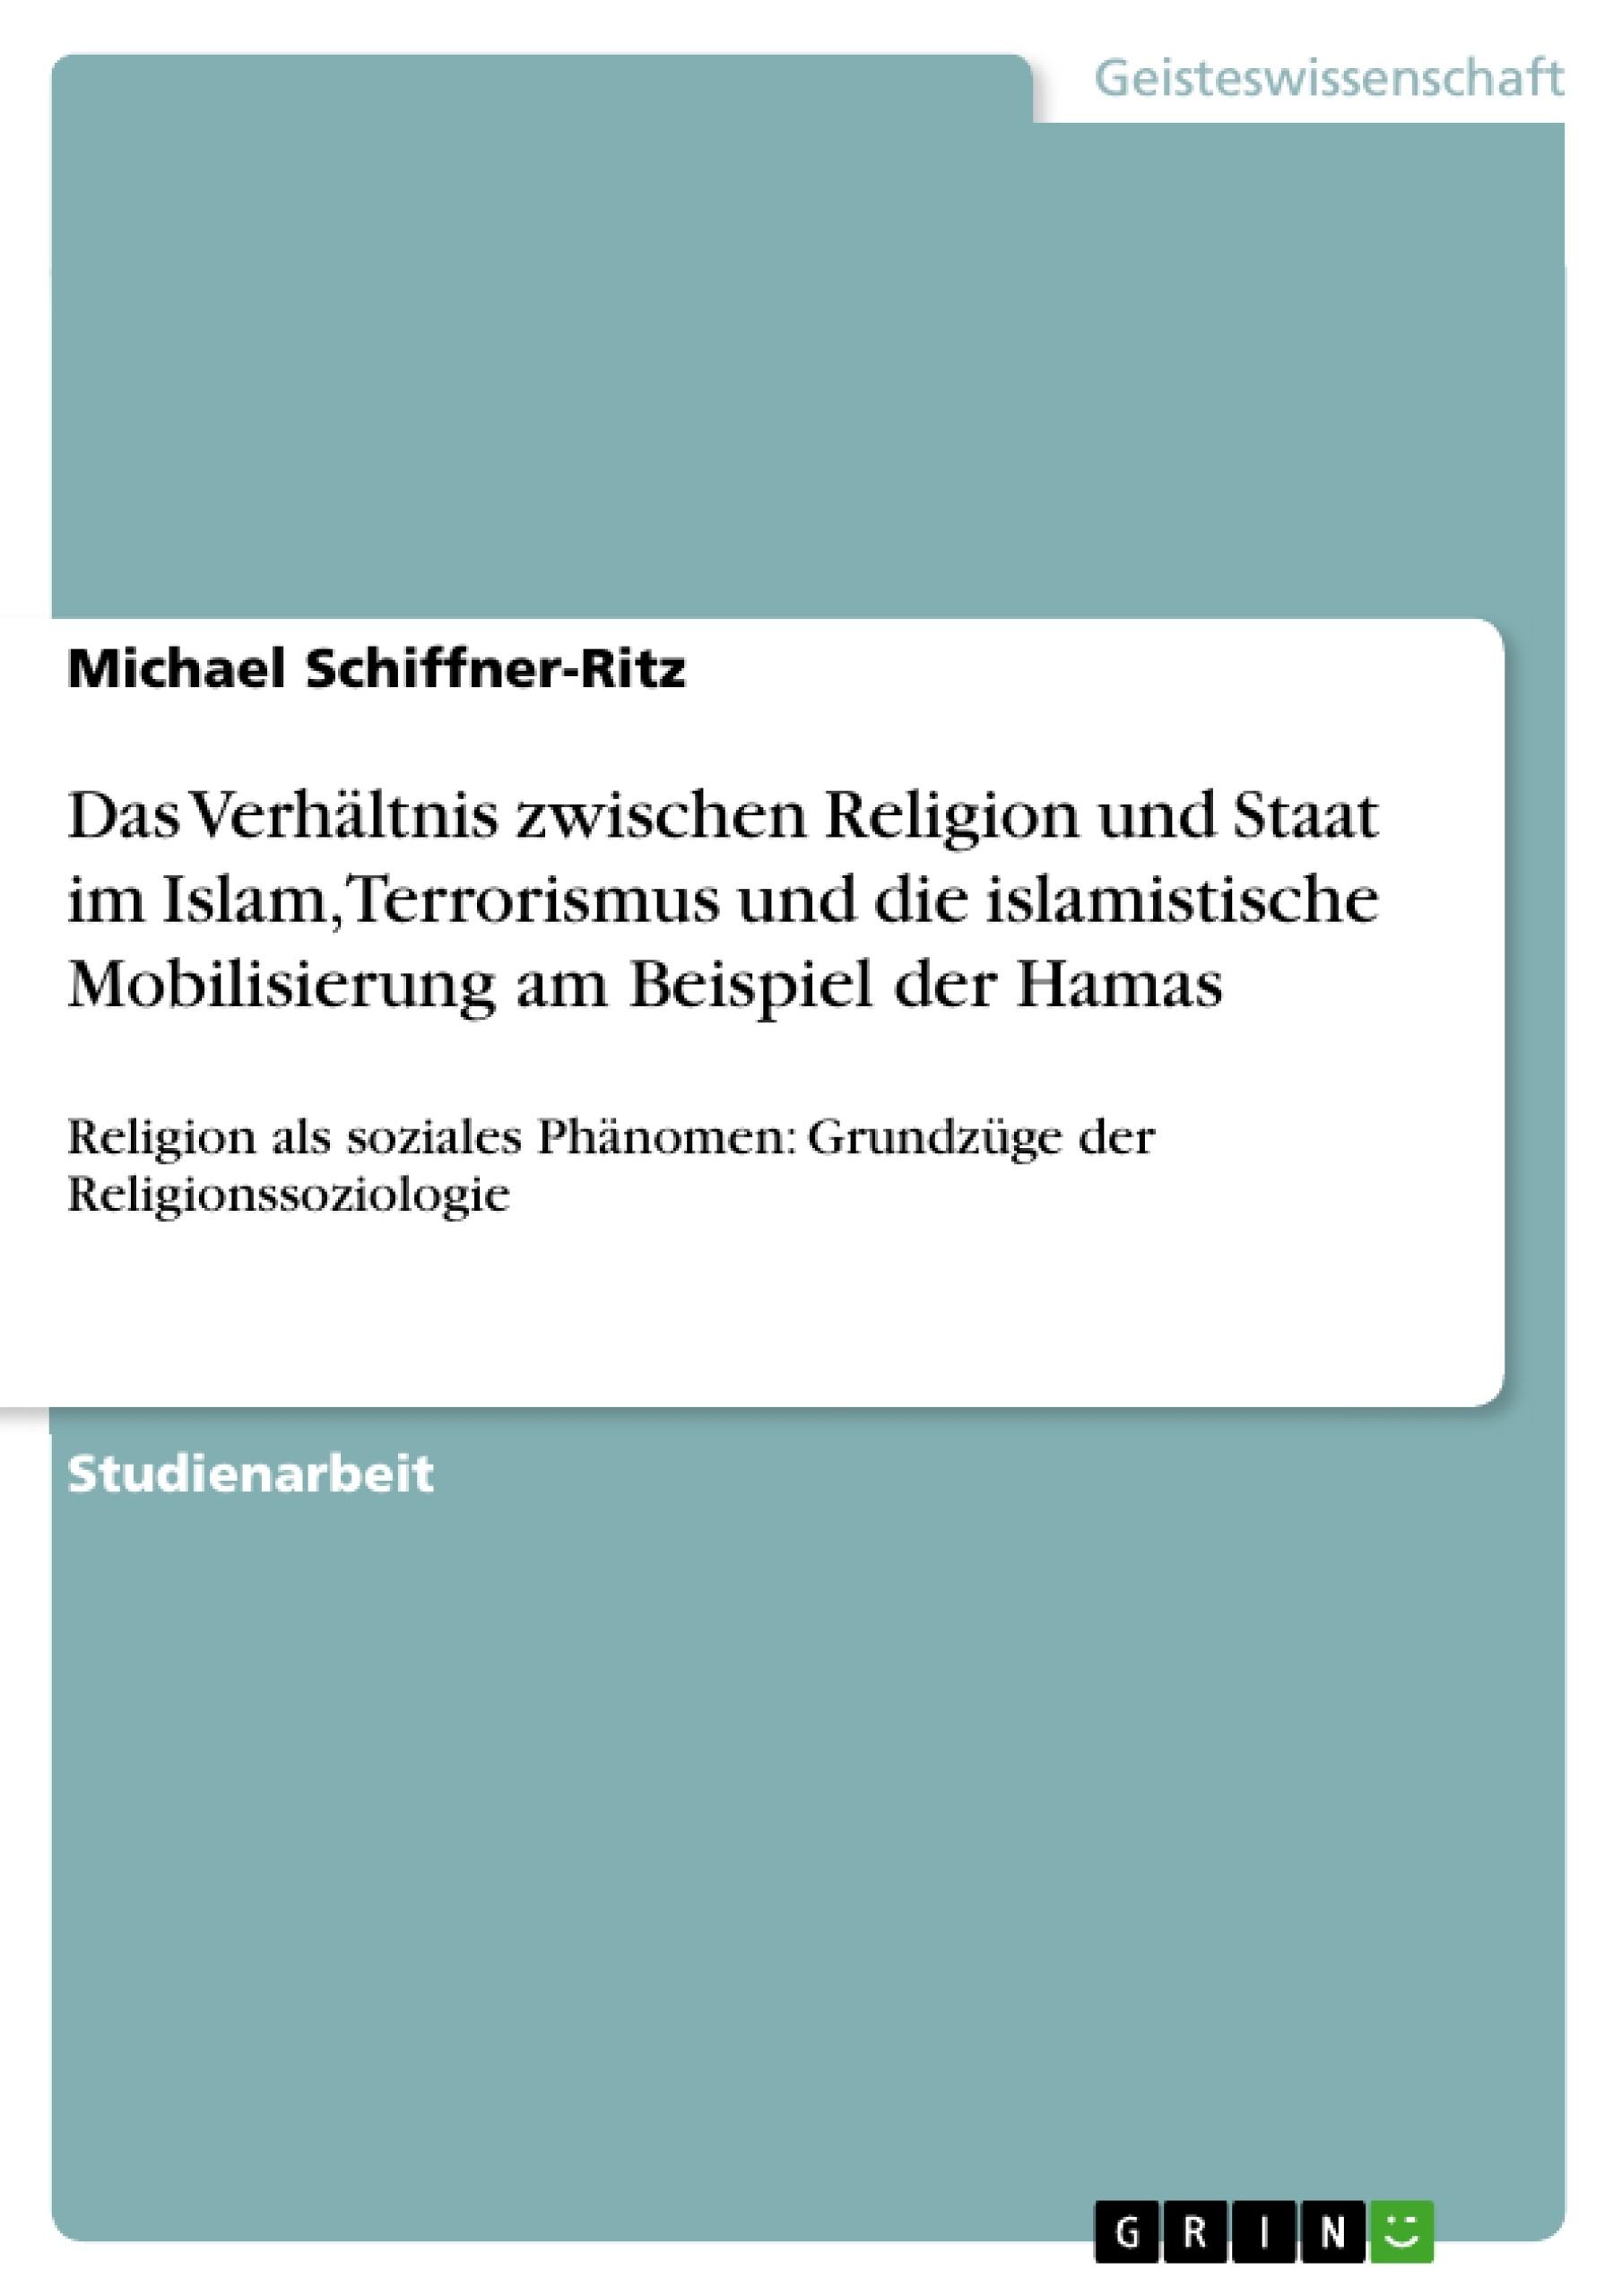 Titel: Das Verhältnis zwischen Religion und Staat im Islam, Terrorismus und die islamistische Mobilisierung am Beispiel der Hamas